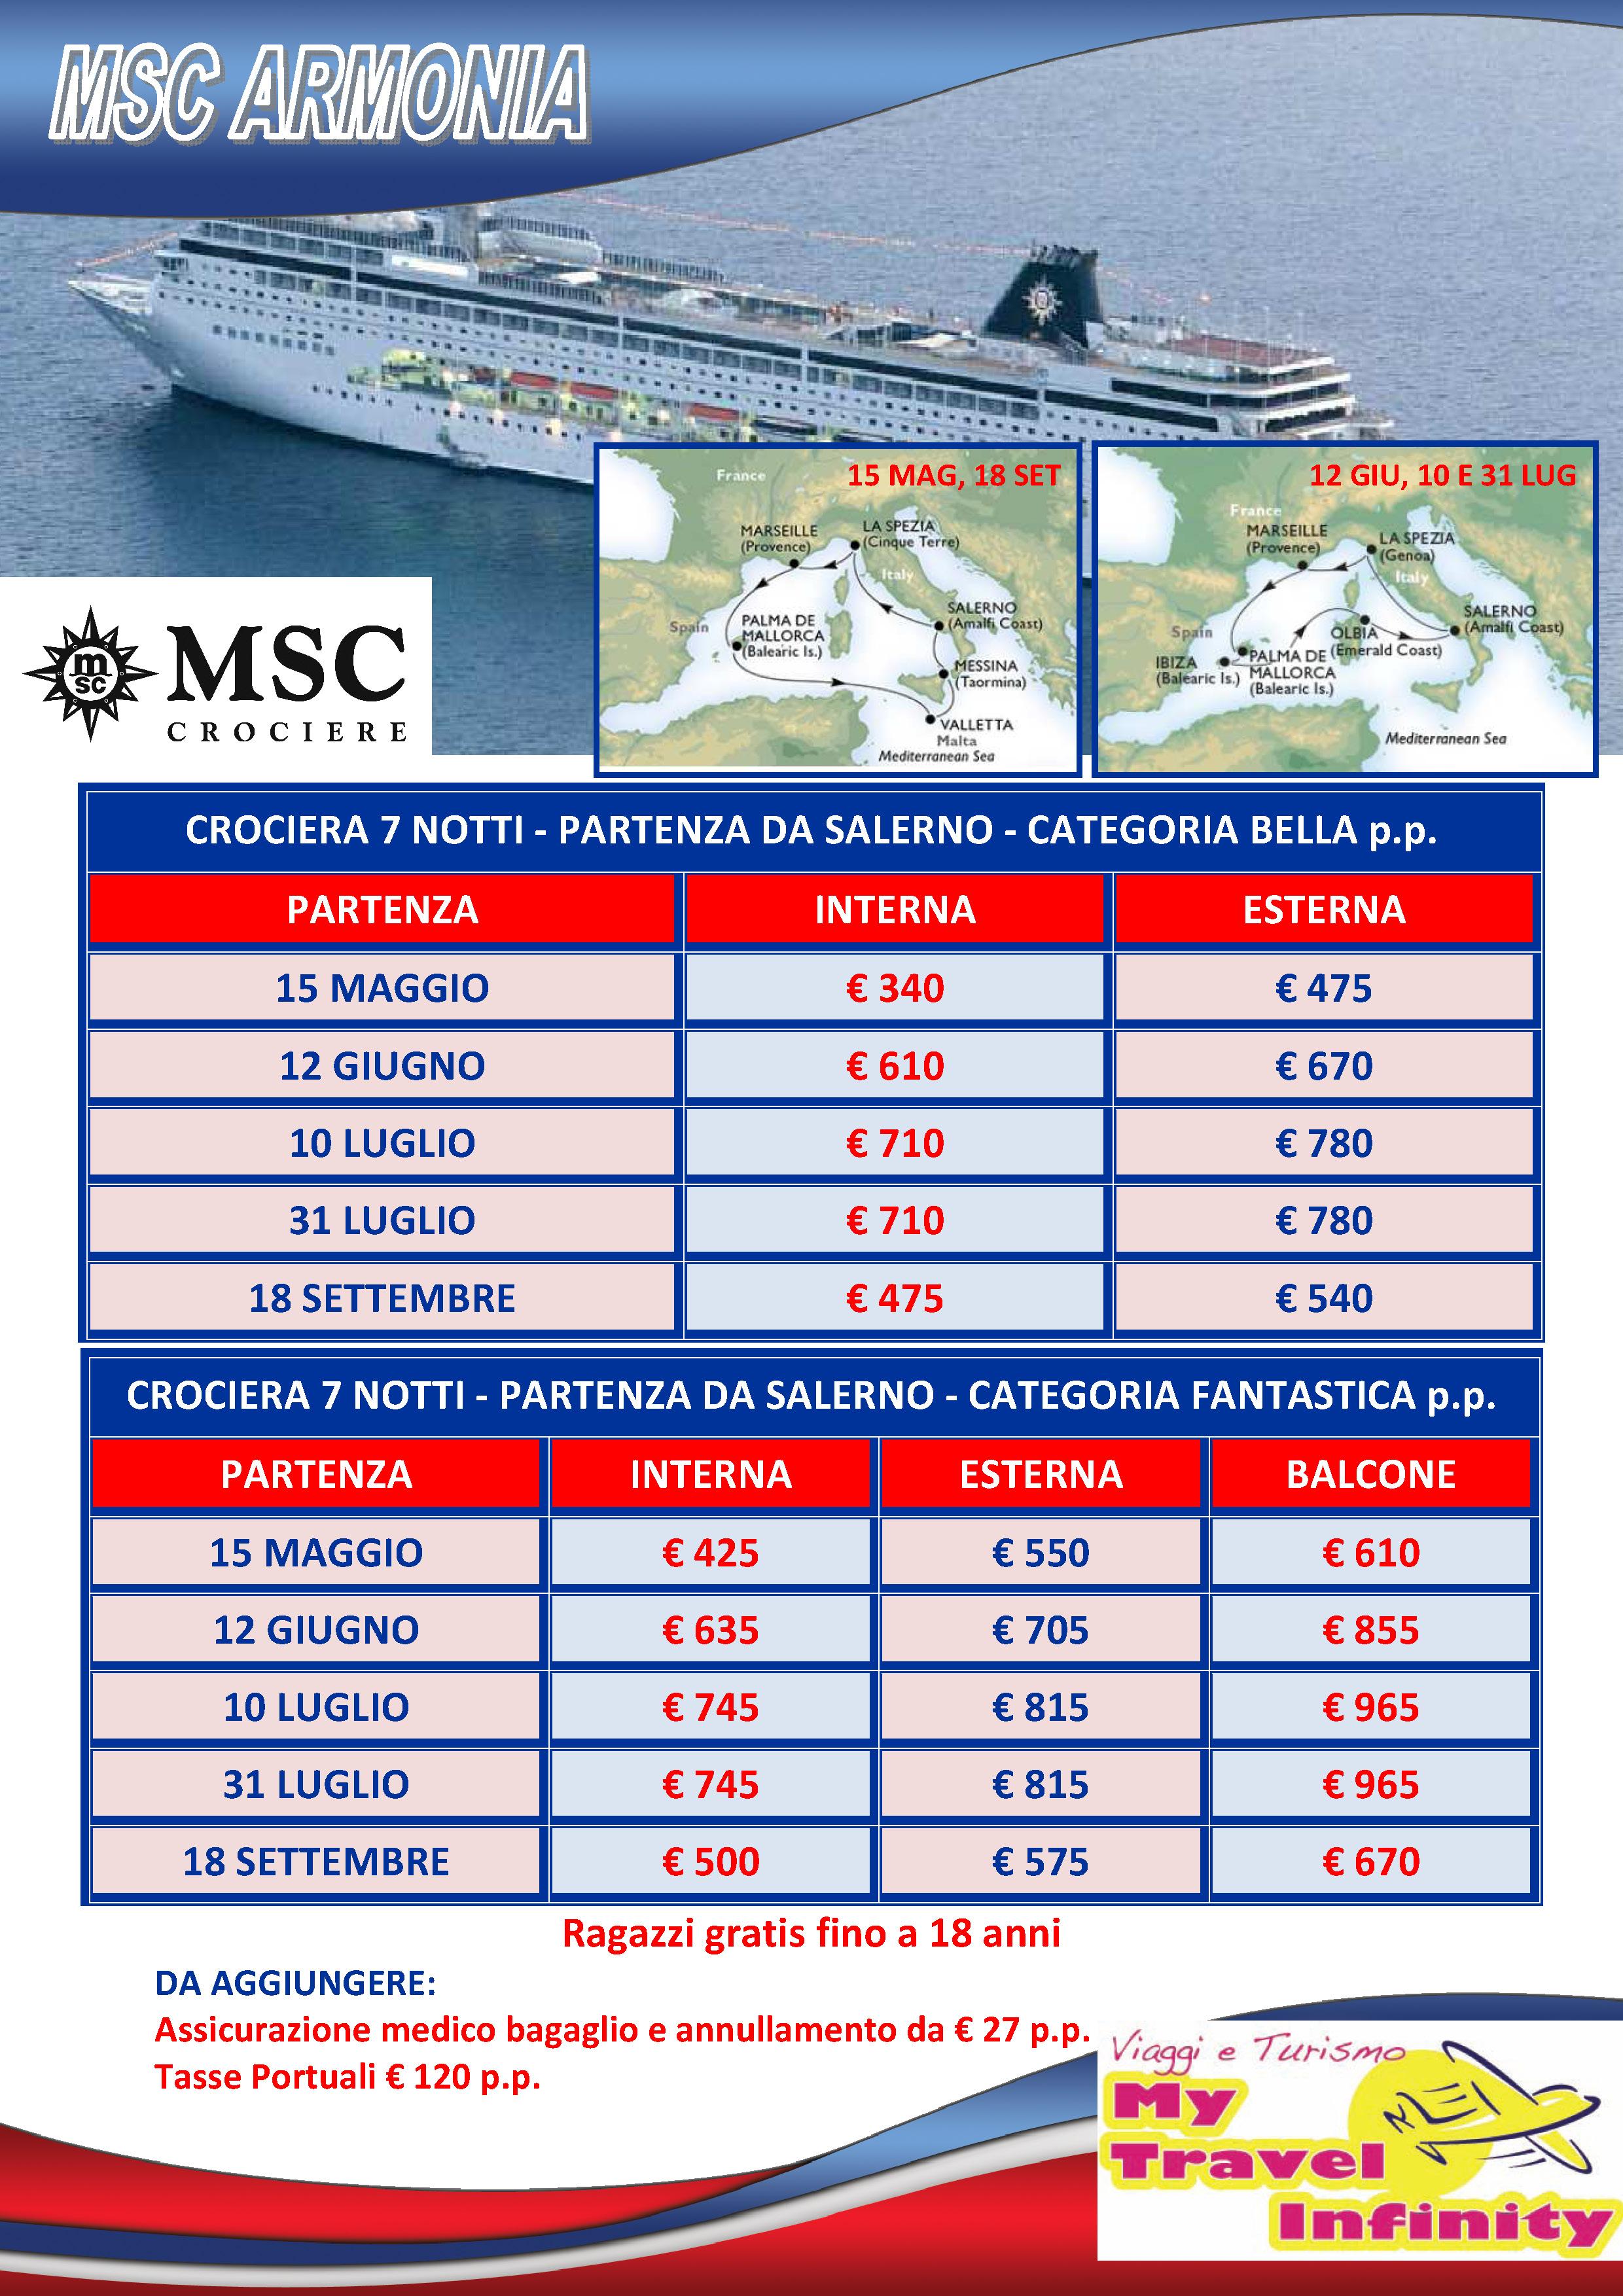 Crociera MSC Armonia 15 Maggio 340 Euro